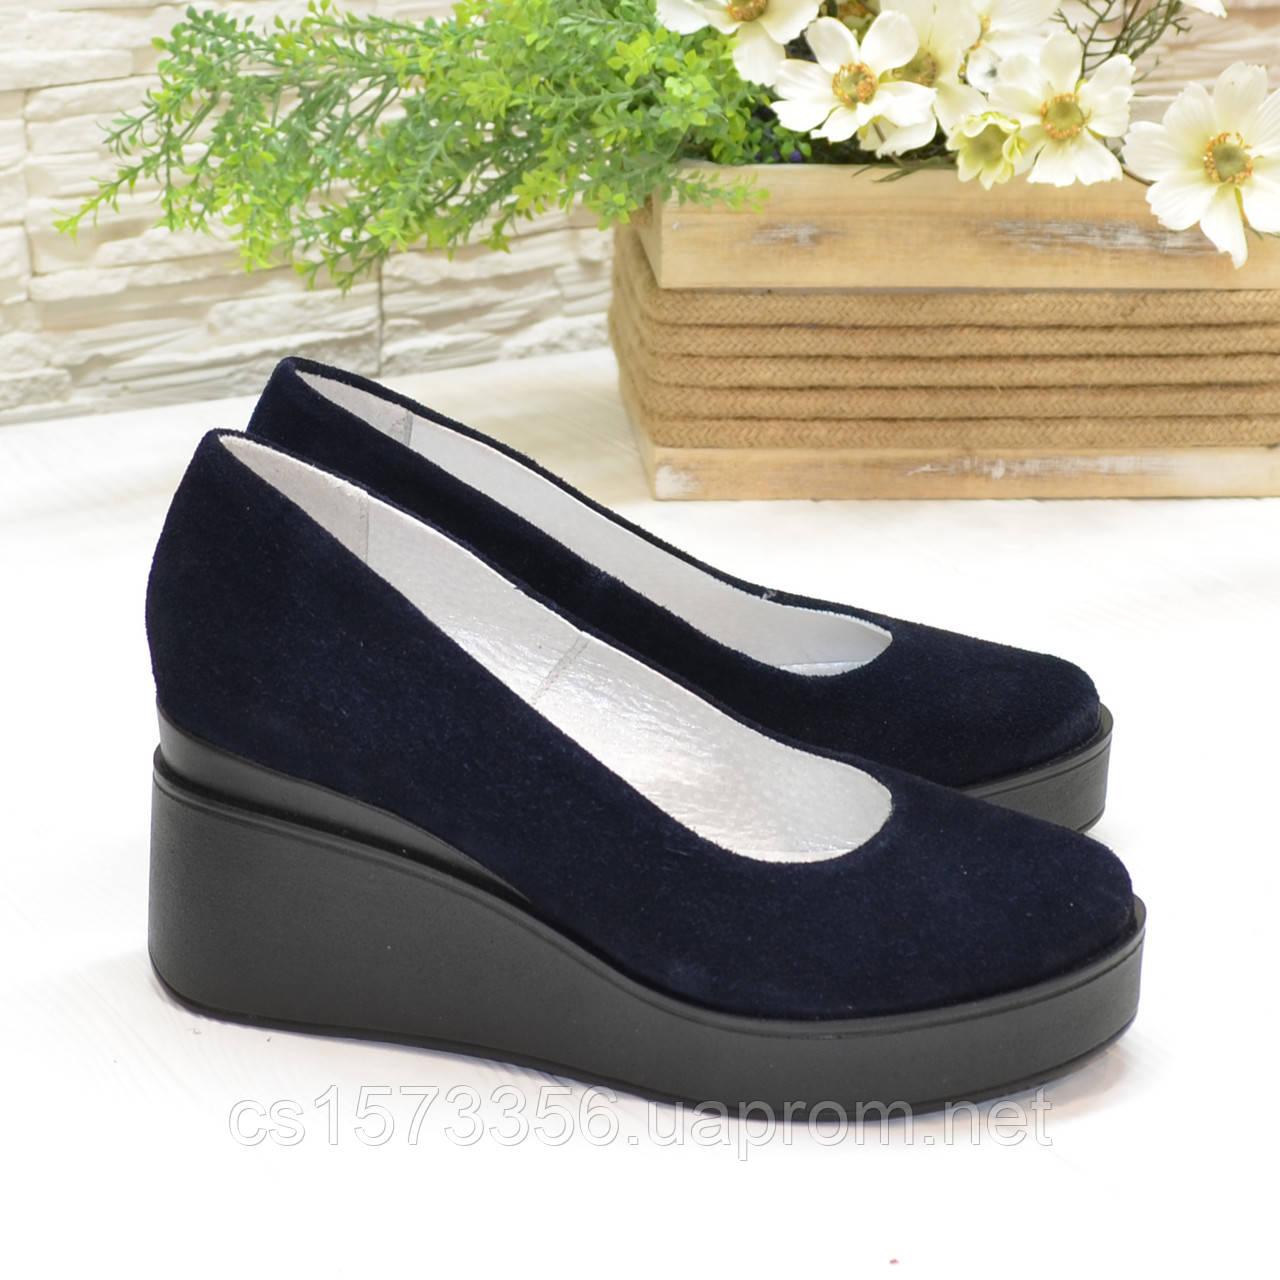 Женские замшевые туфли на устойчивой платформе, цвет синий